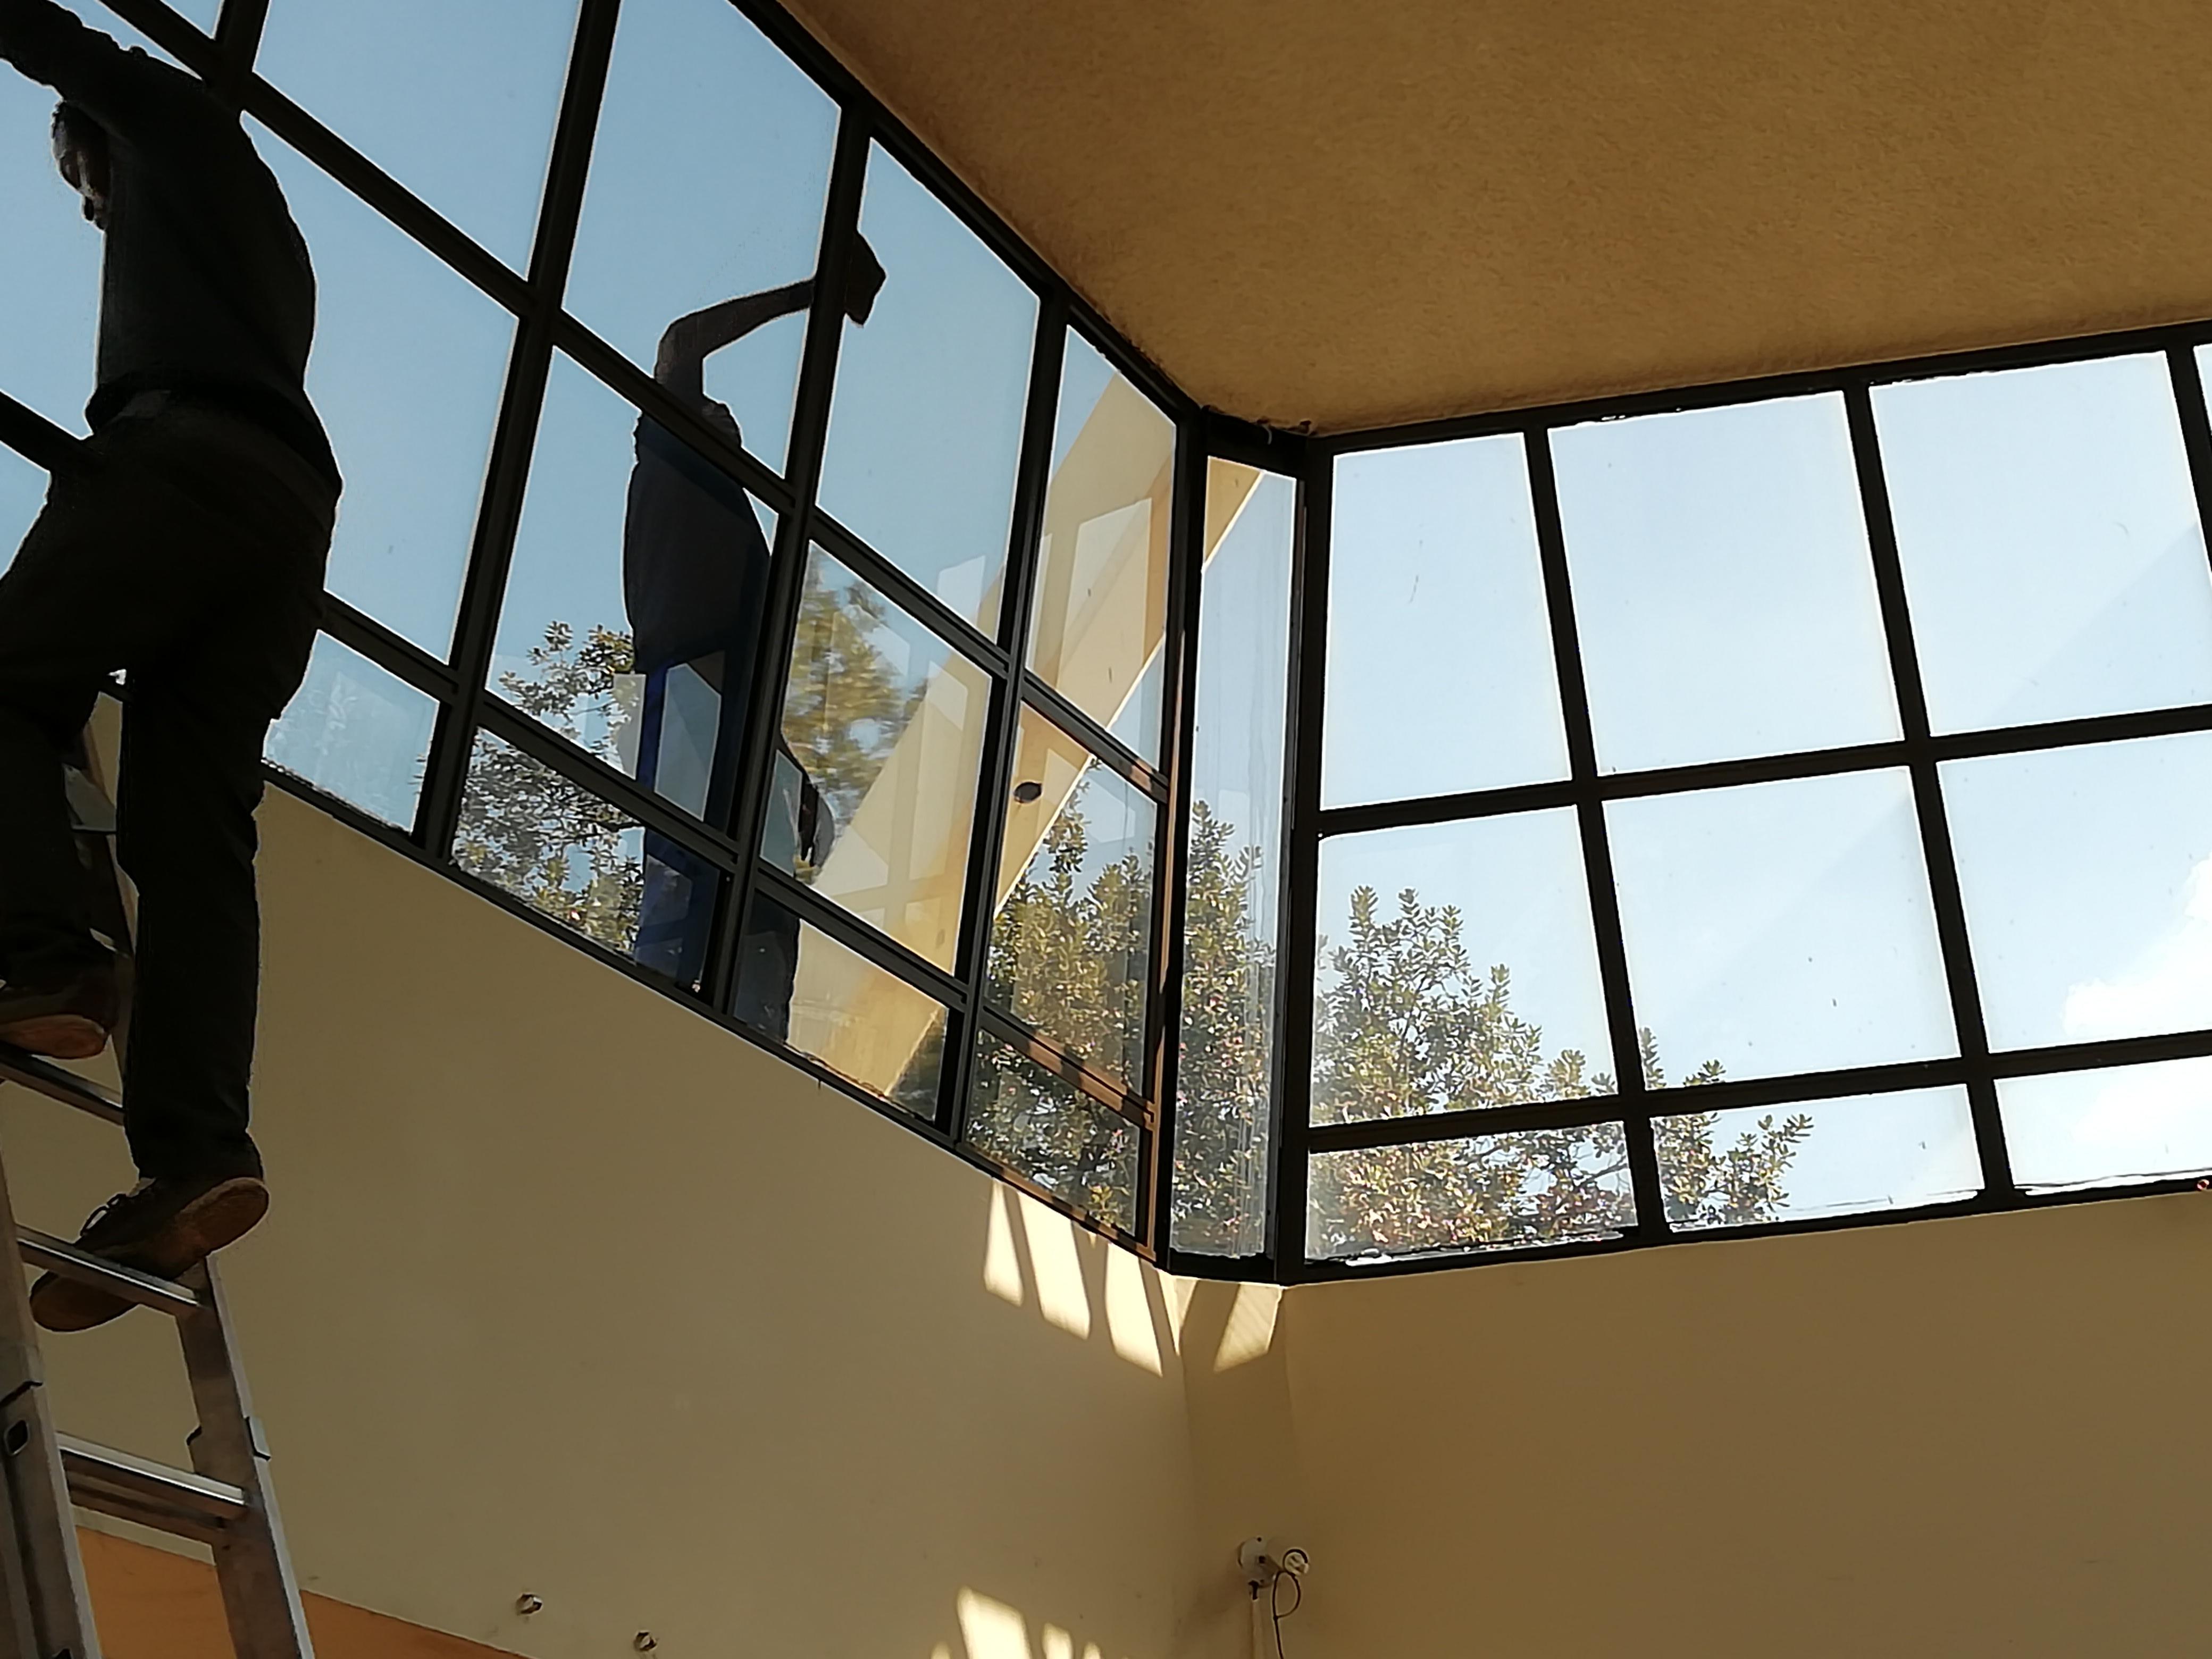 High Access Window Clean